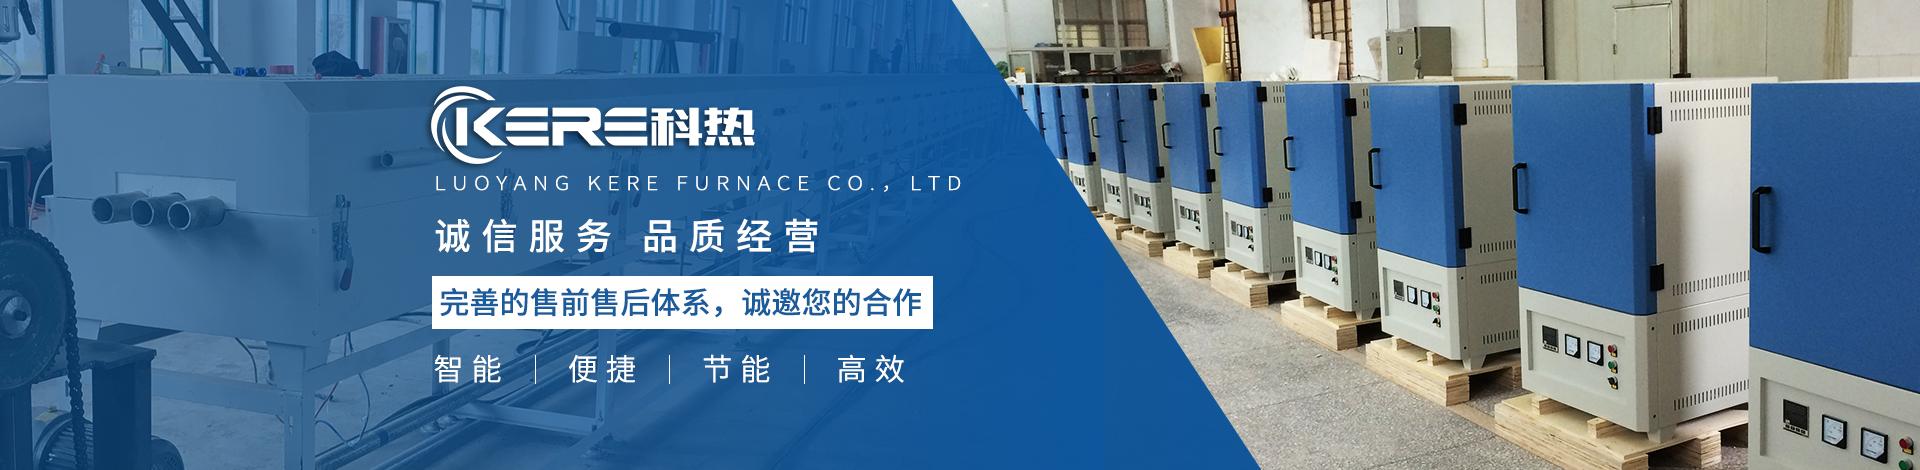 洛阳科热炉业有限公司